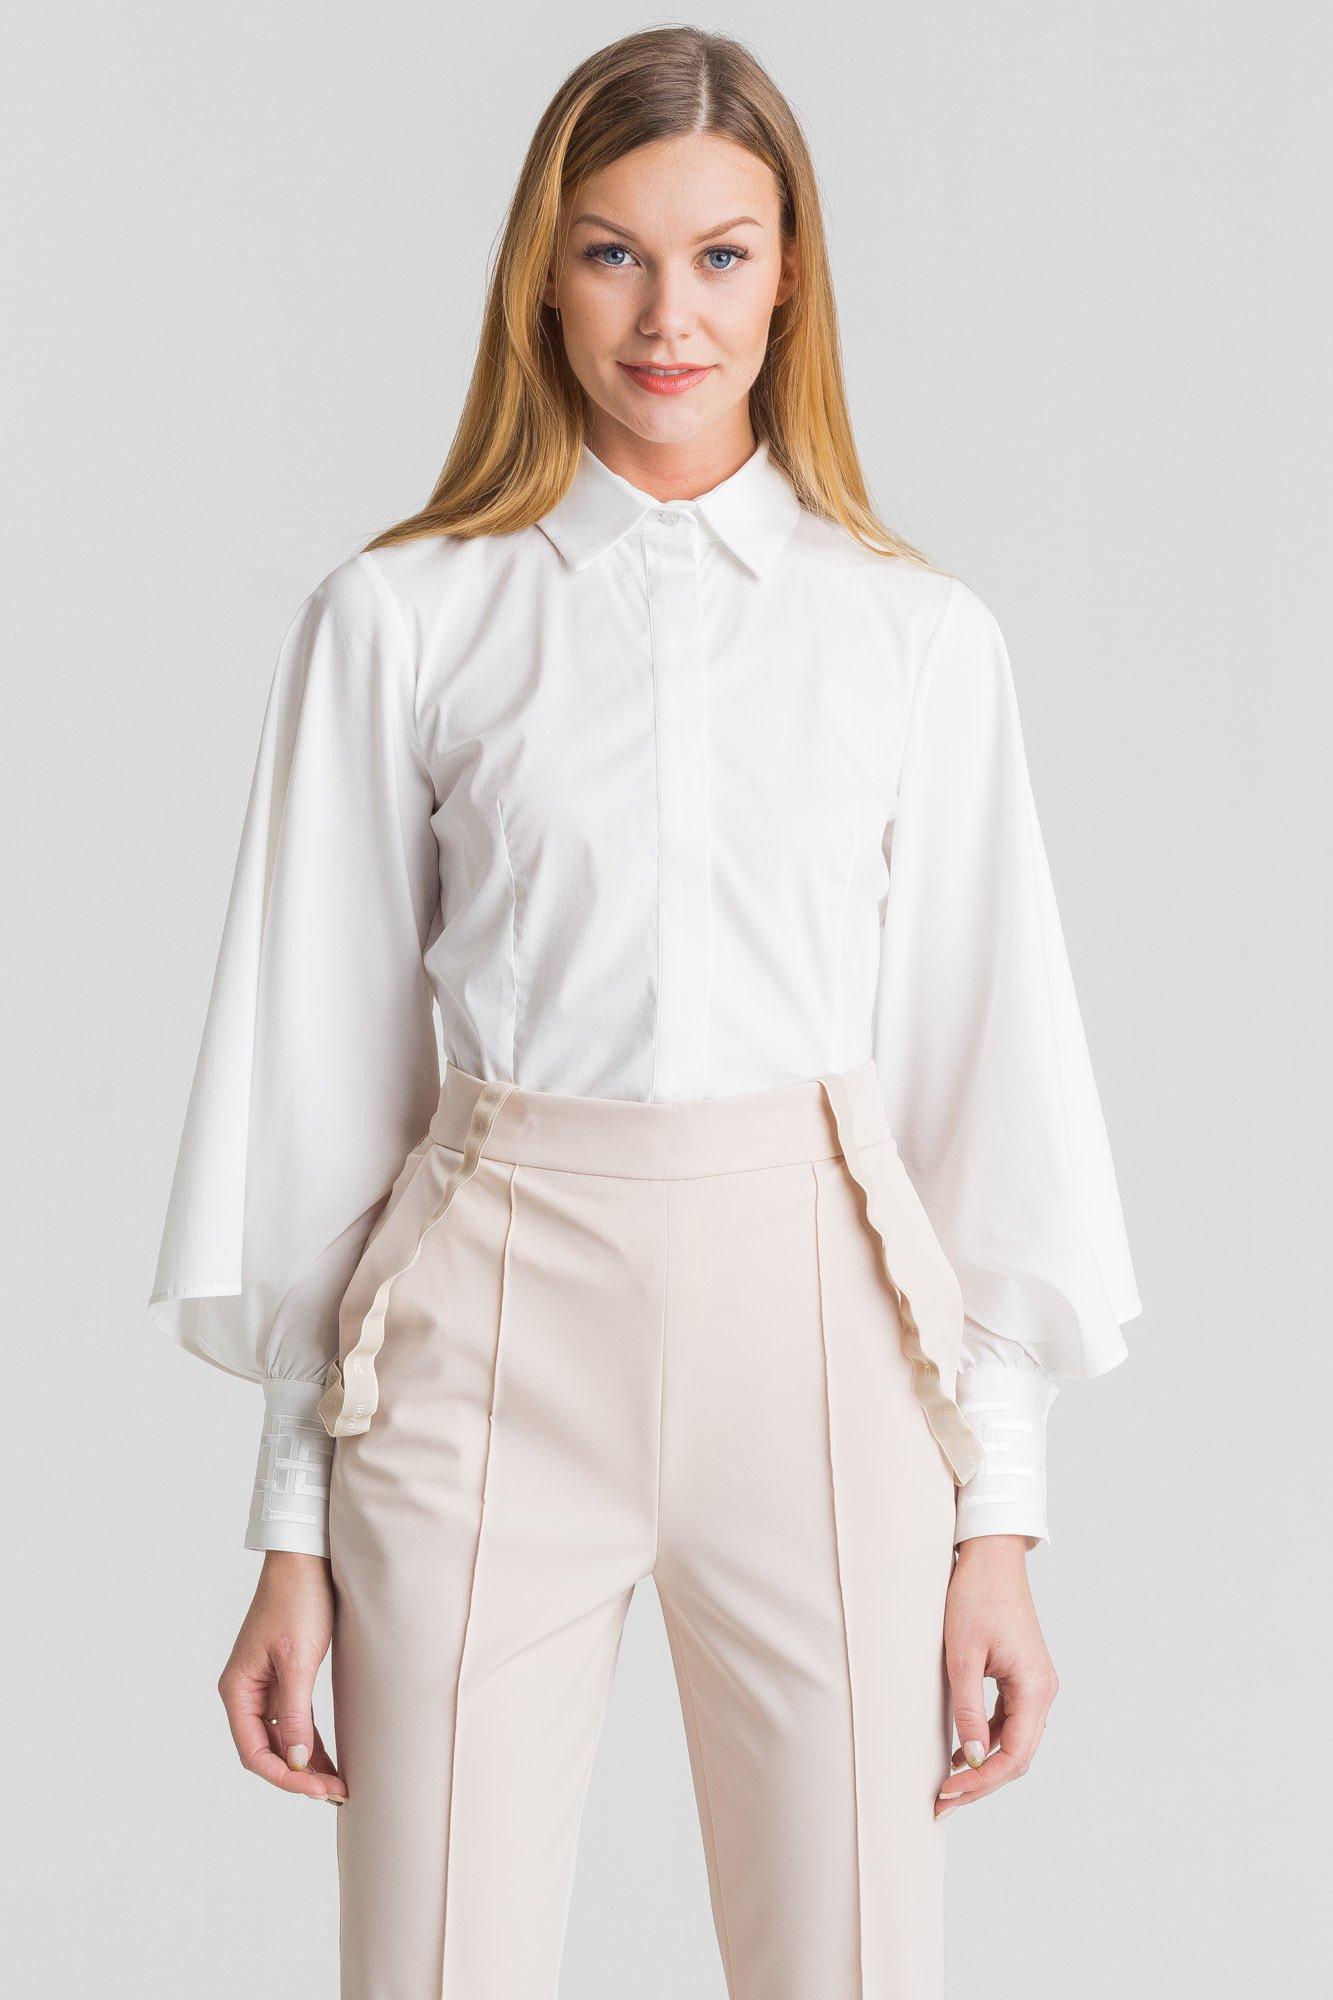 89afe3af143aac Białe body z długim rękawem   Marki Premium w sklepie Velpa.pl